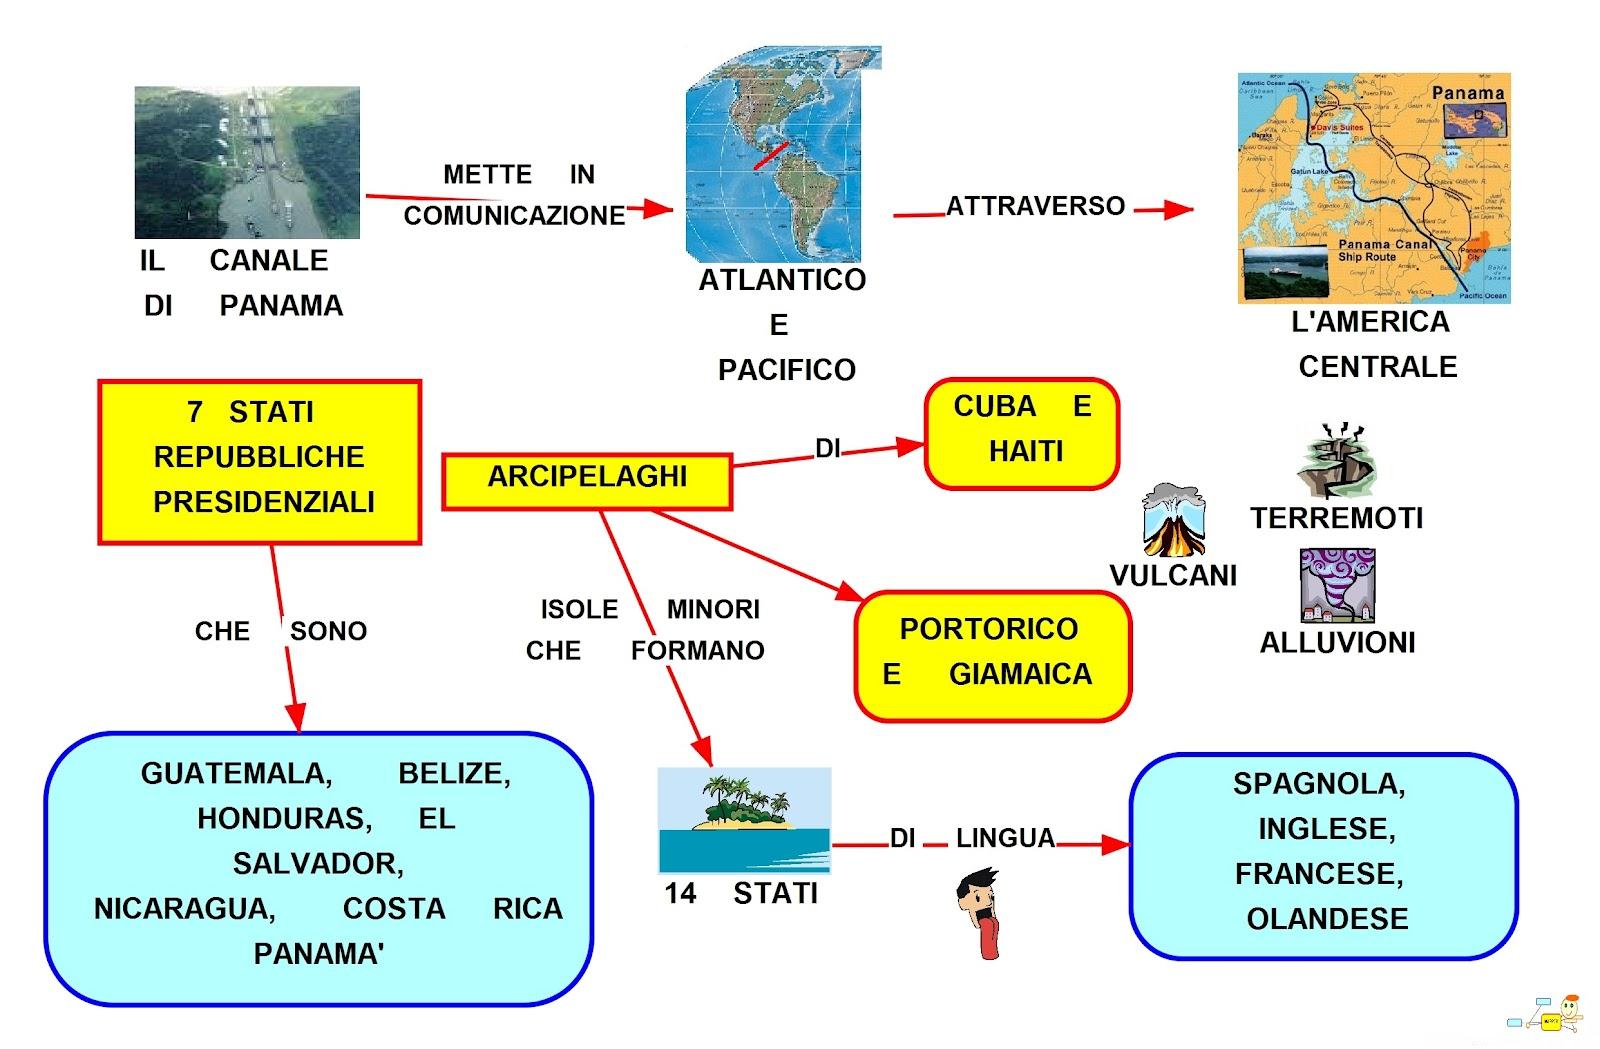 Mappa Concettuale dell'America Centrale